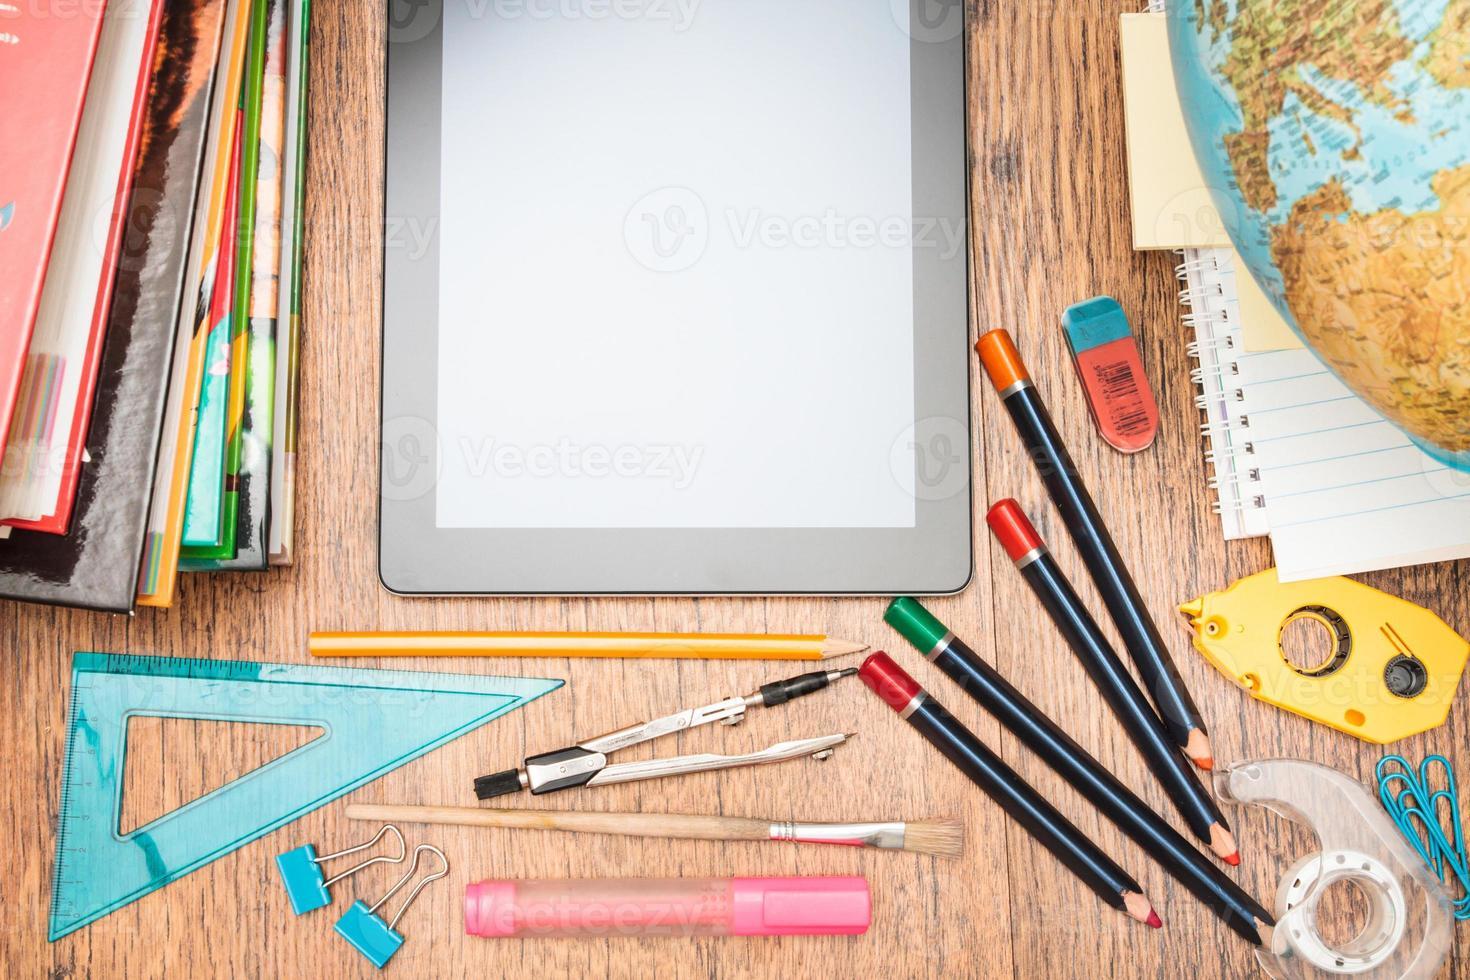 accesorios escolares en un escritorio foto